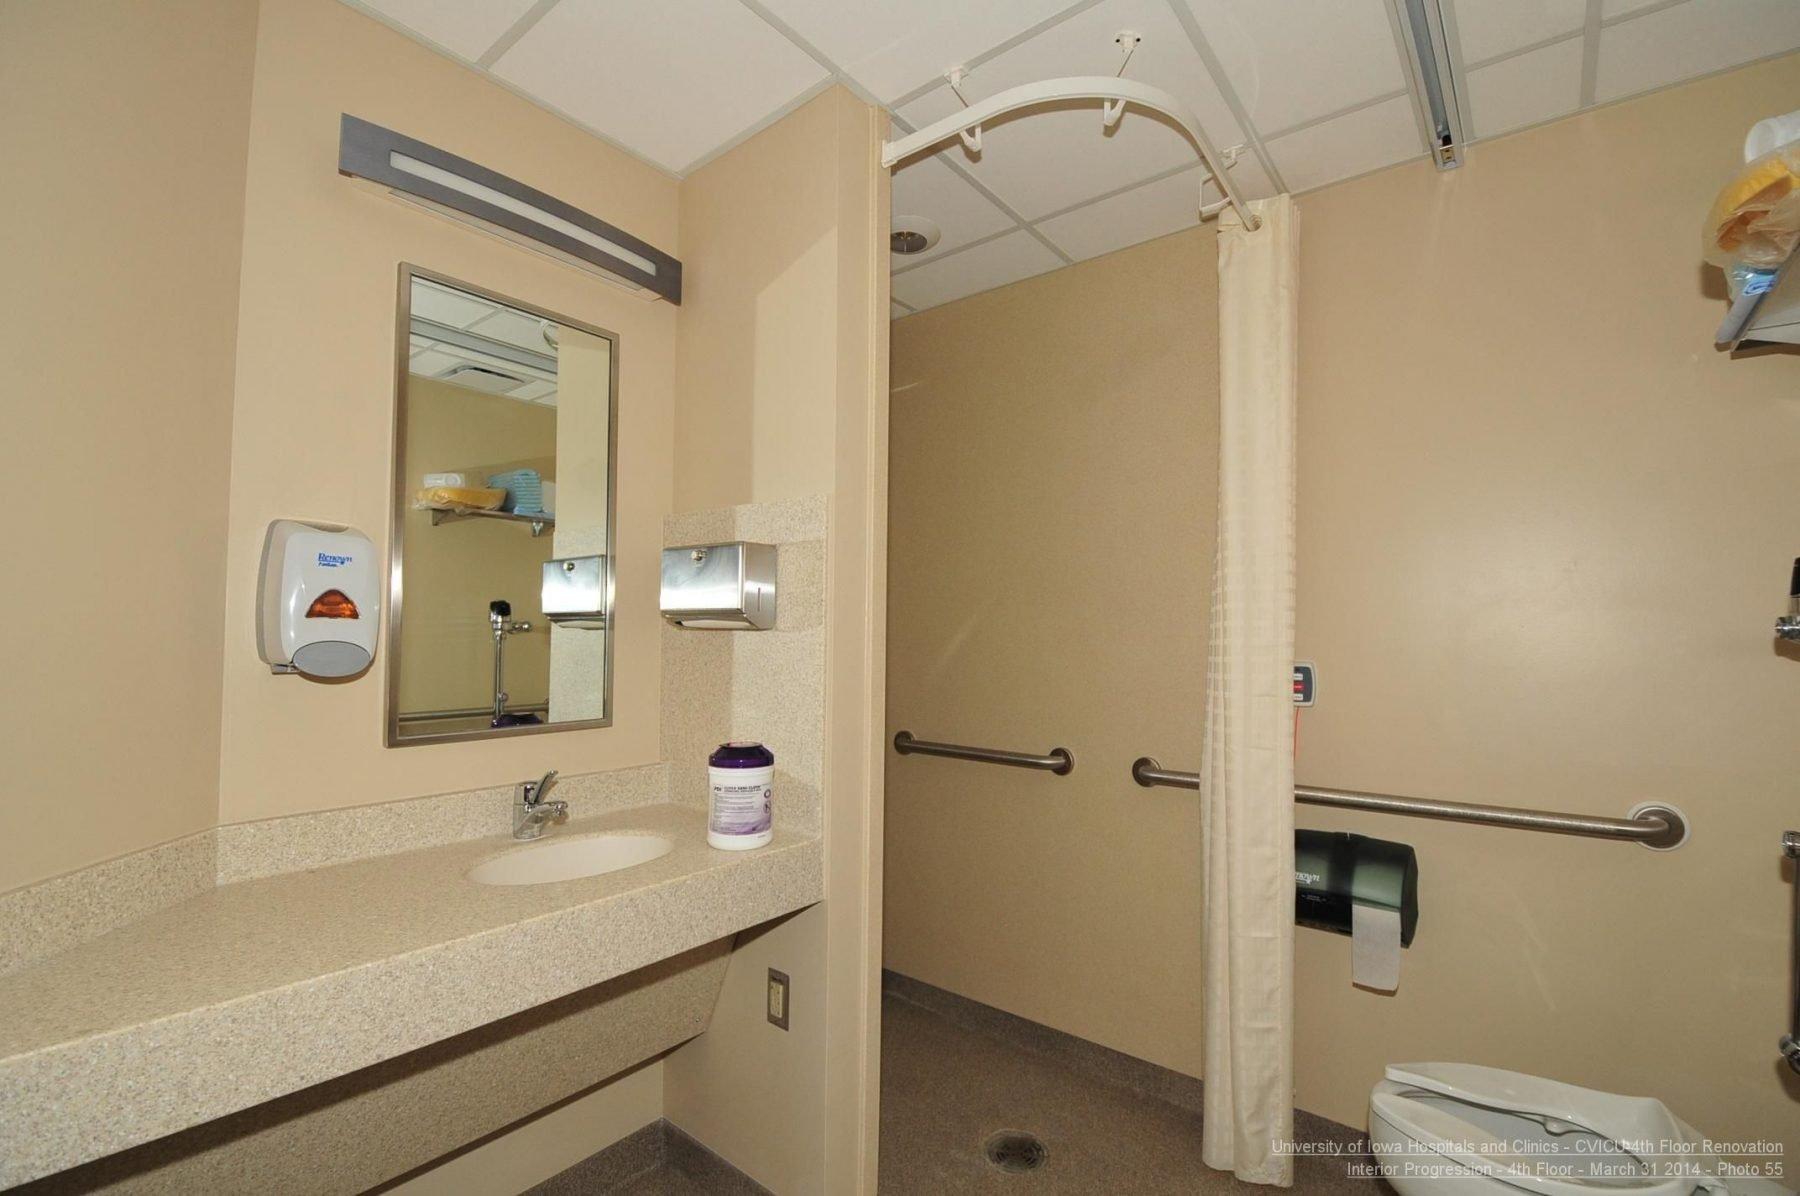 UIHC Cardio Vascular ICU Patient Restroom